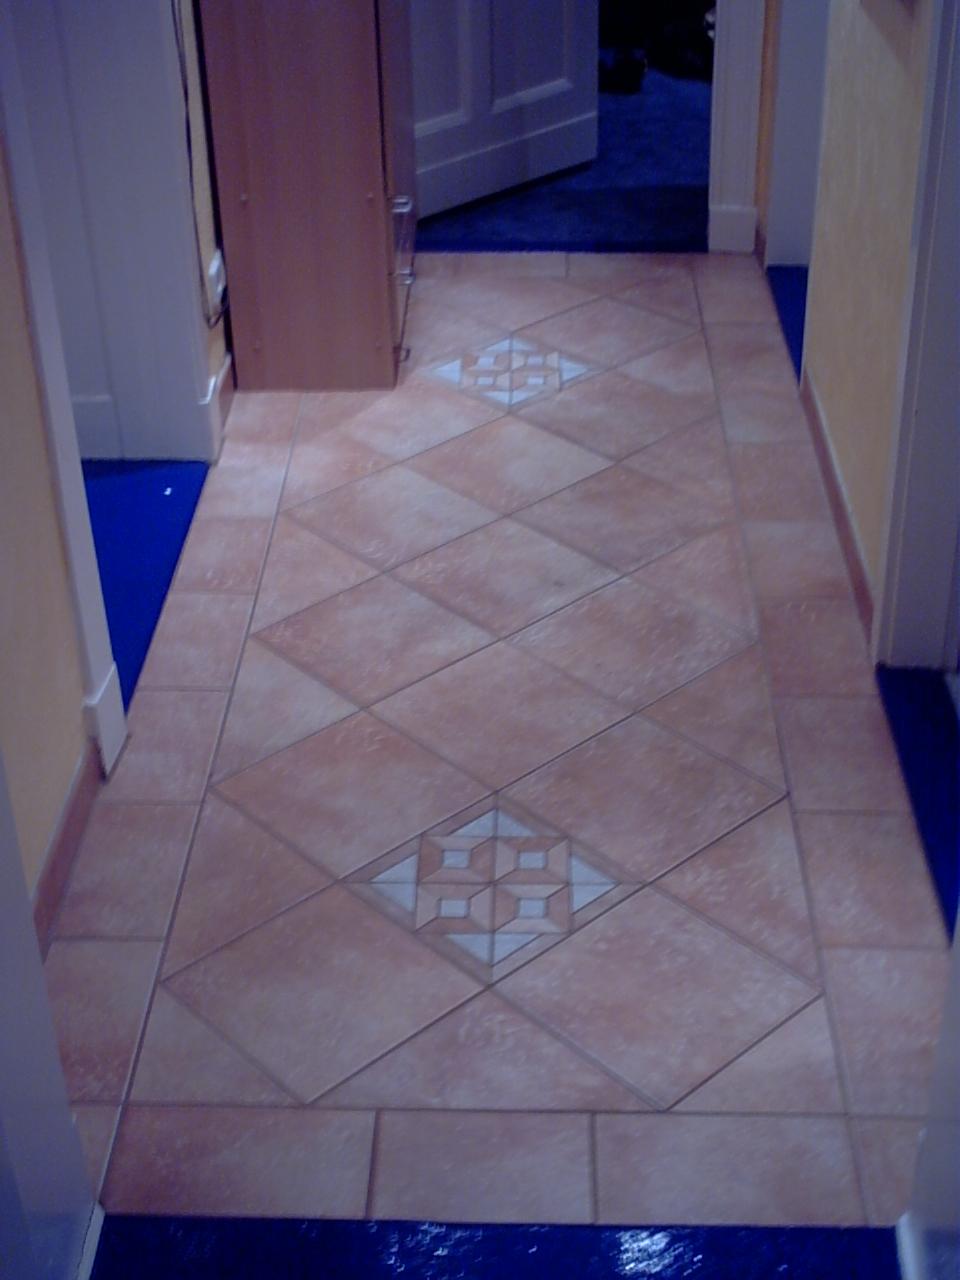 Fliesen Diagonal Verlegen Gallery Of Casalgrande Serie Marte X With